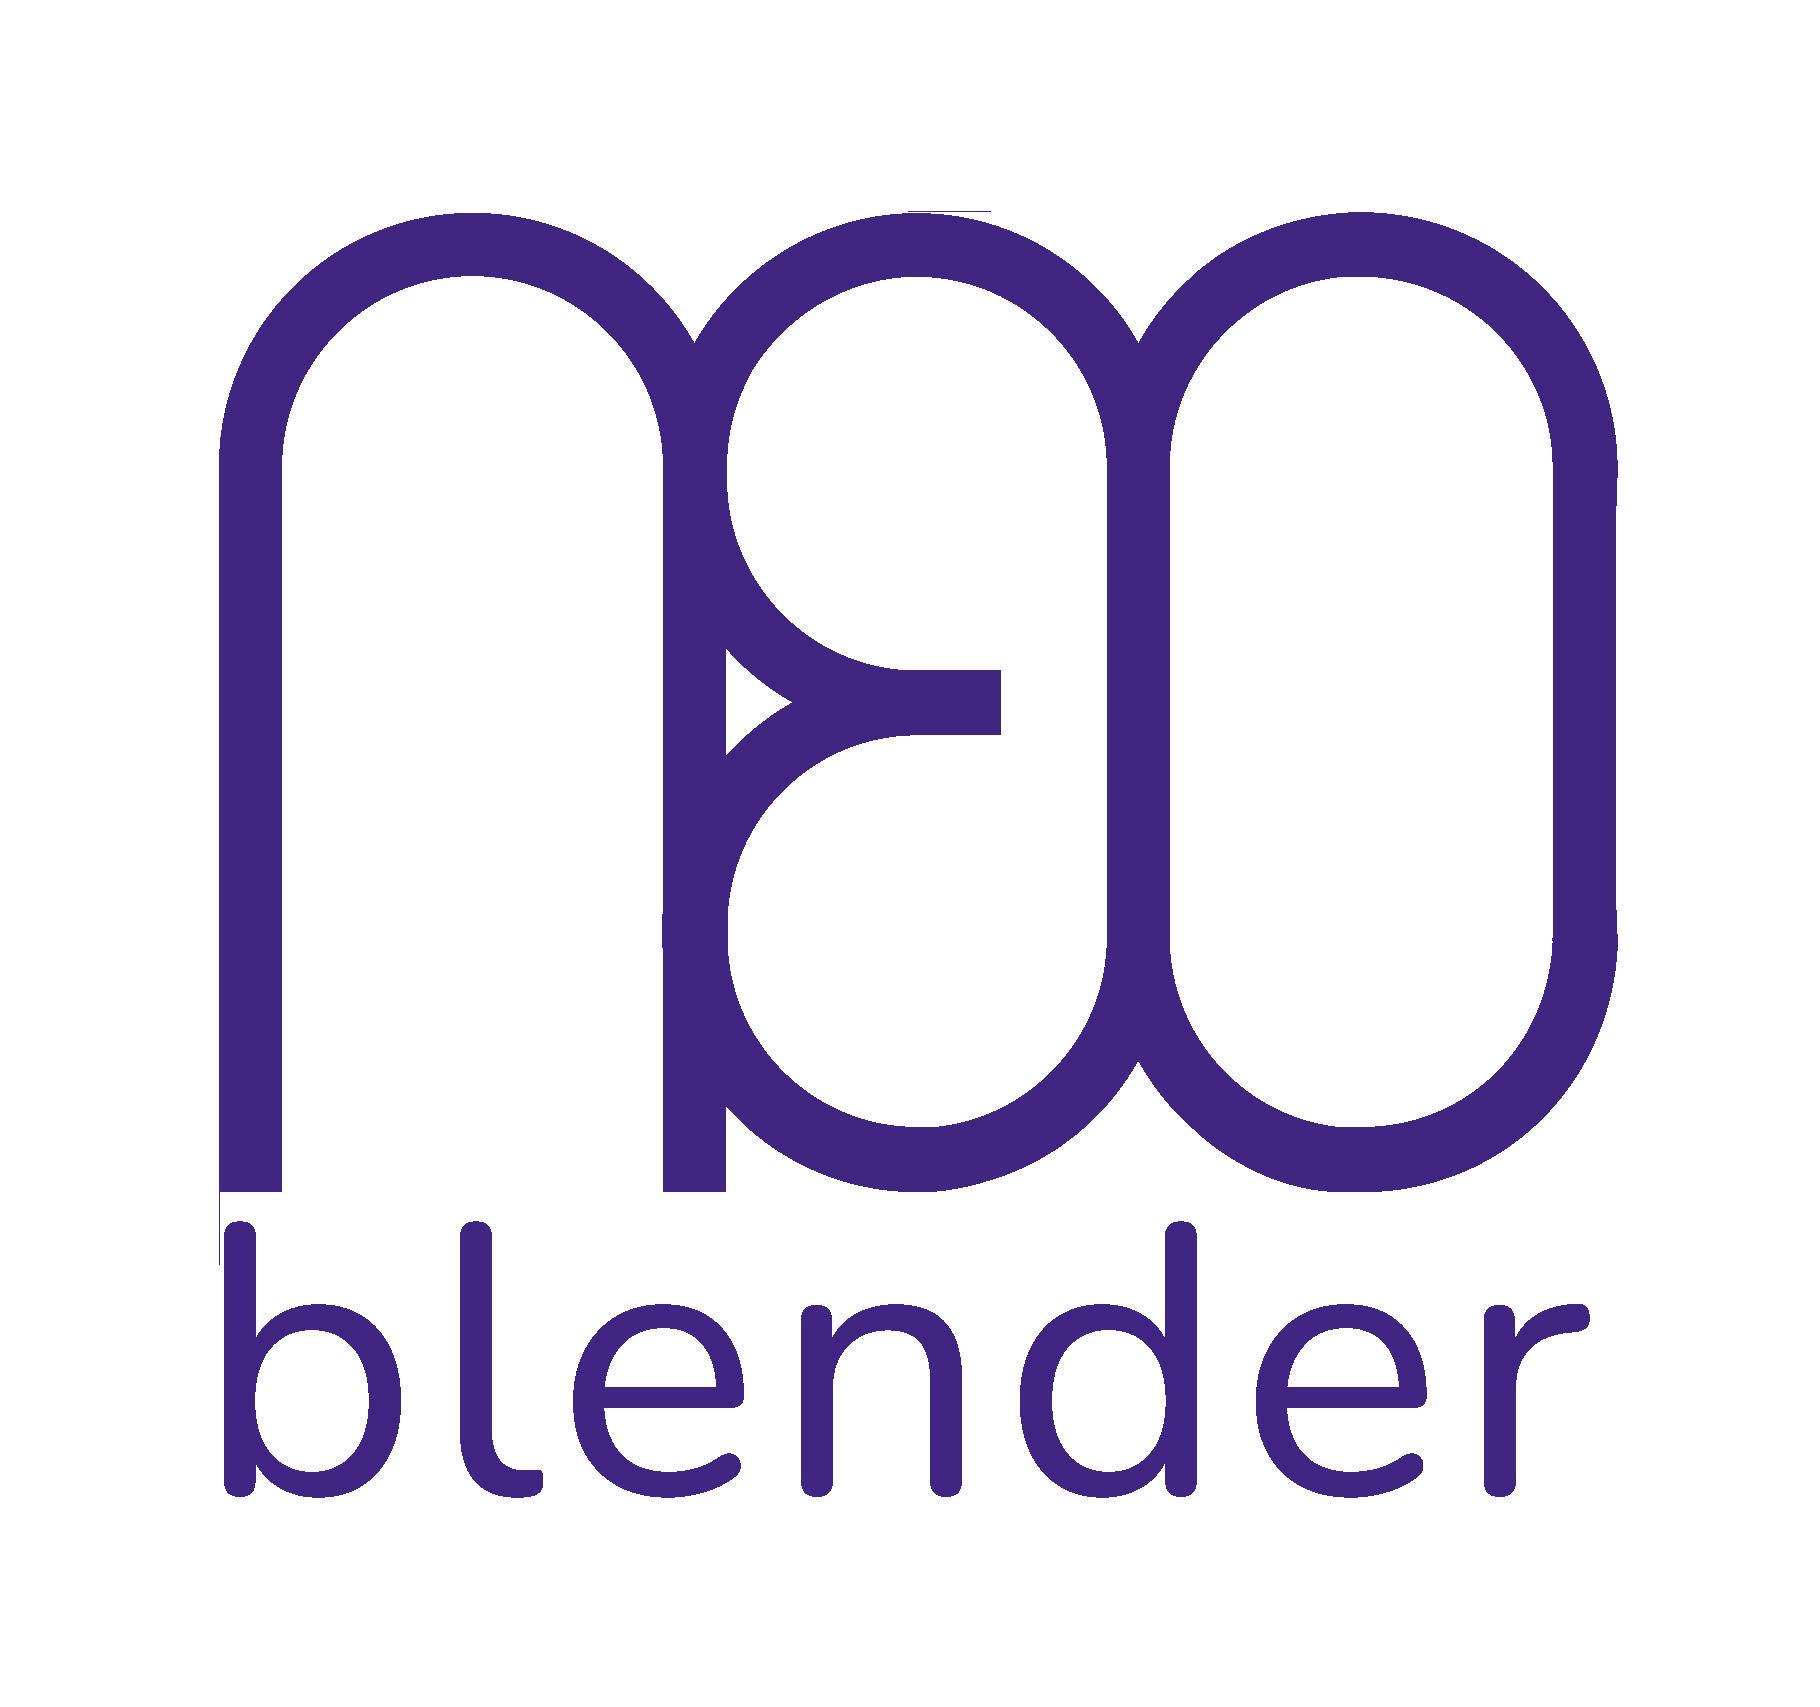 Neoblender - Let`s blend together